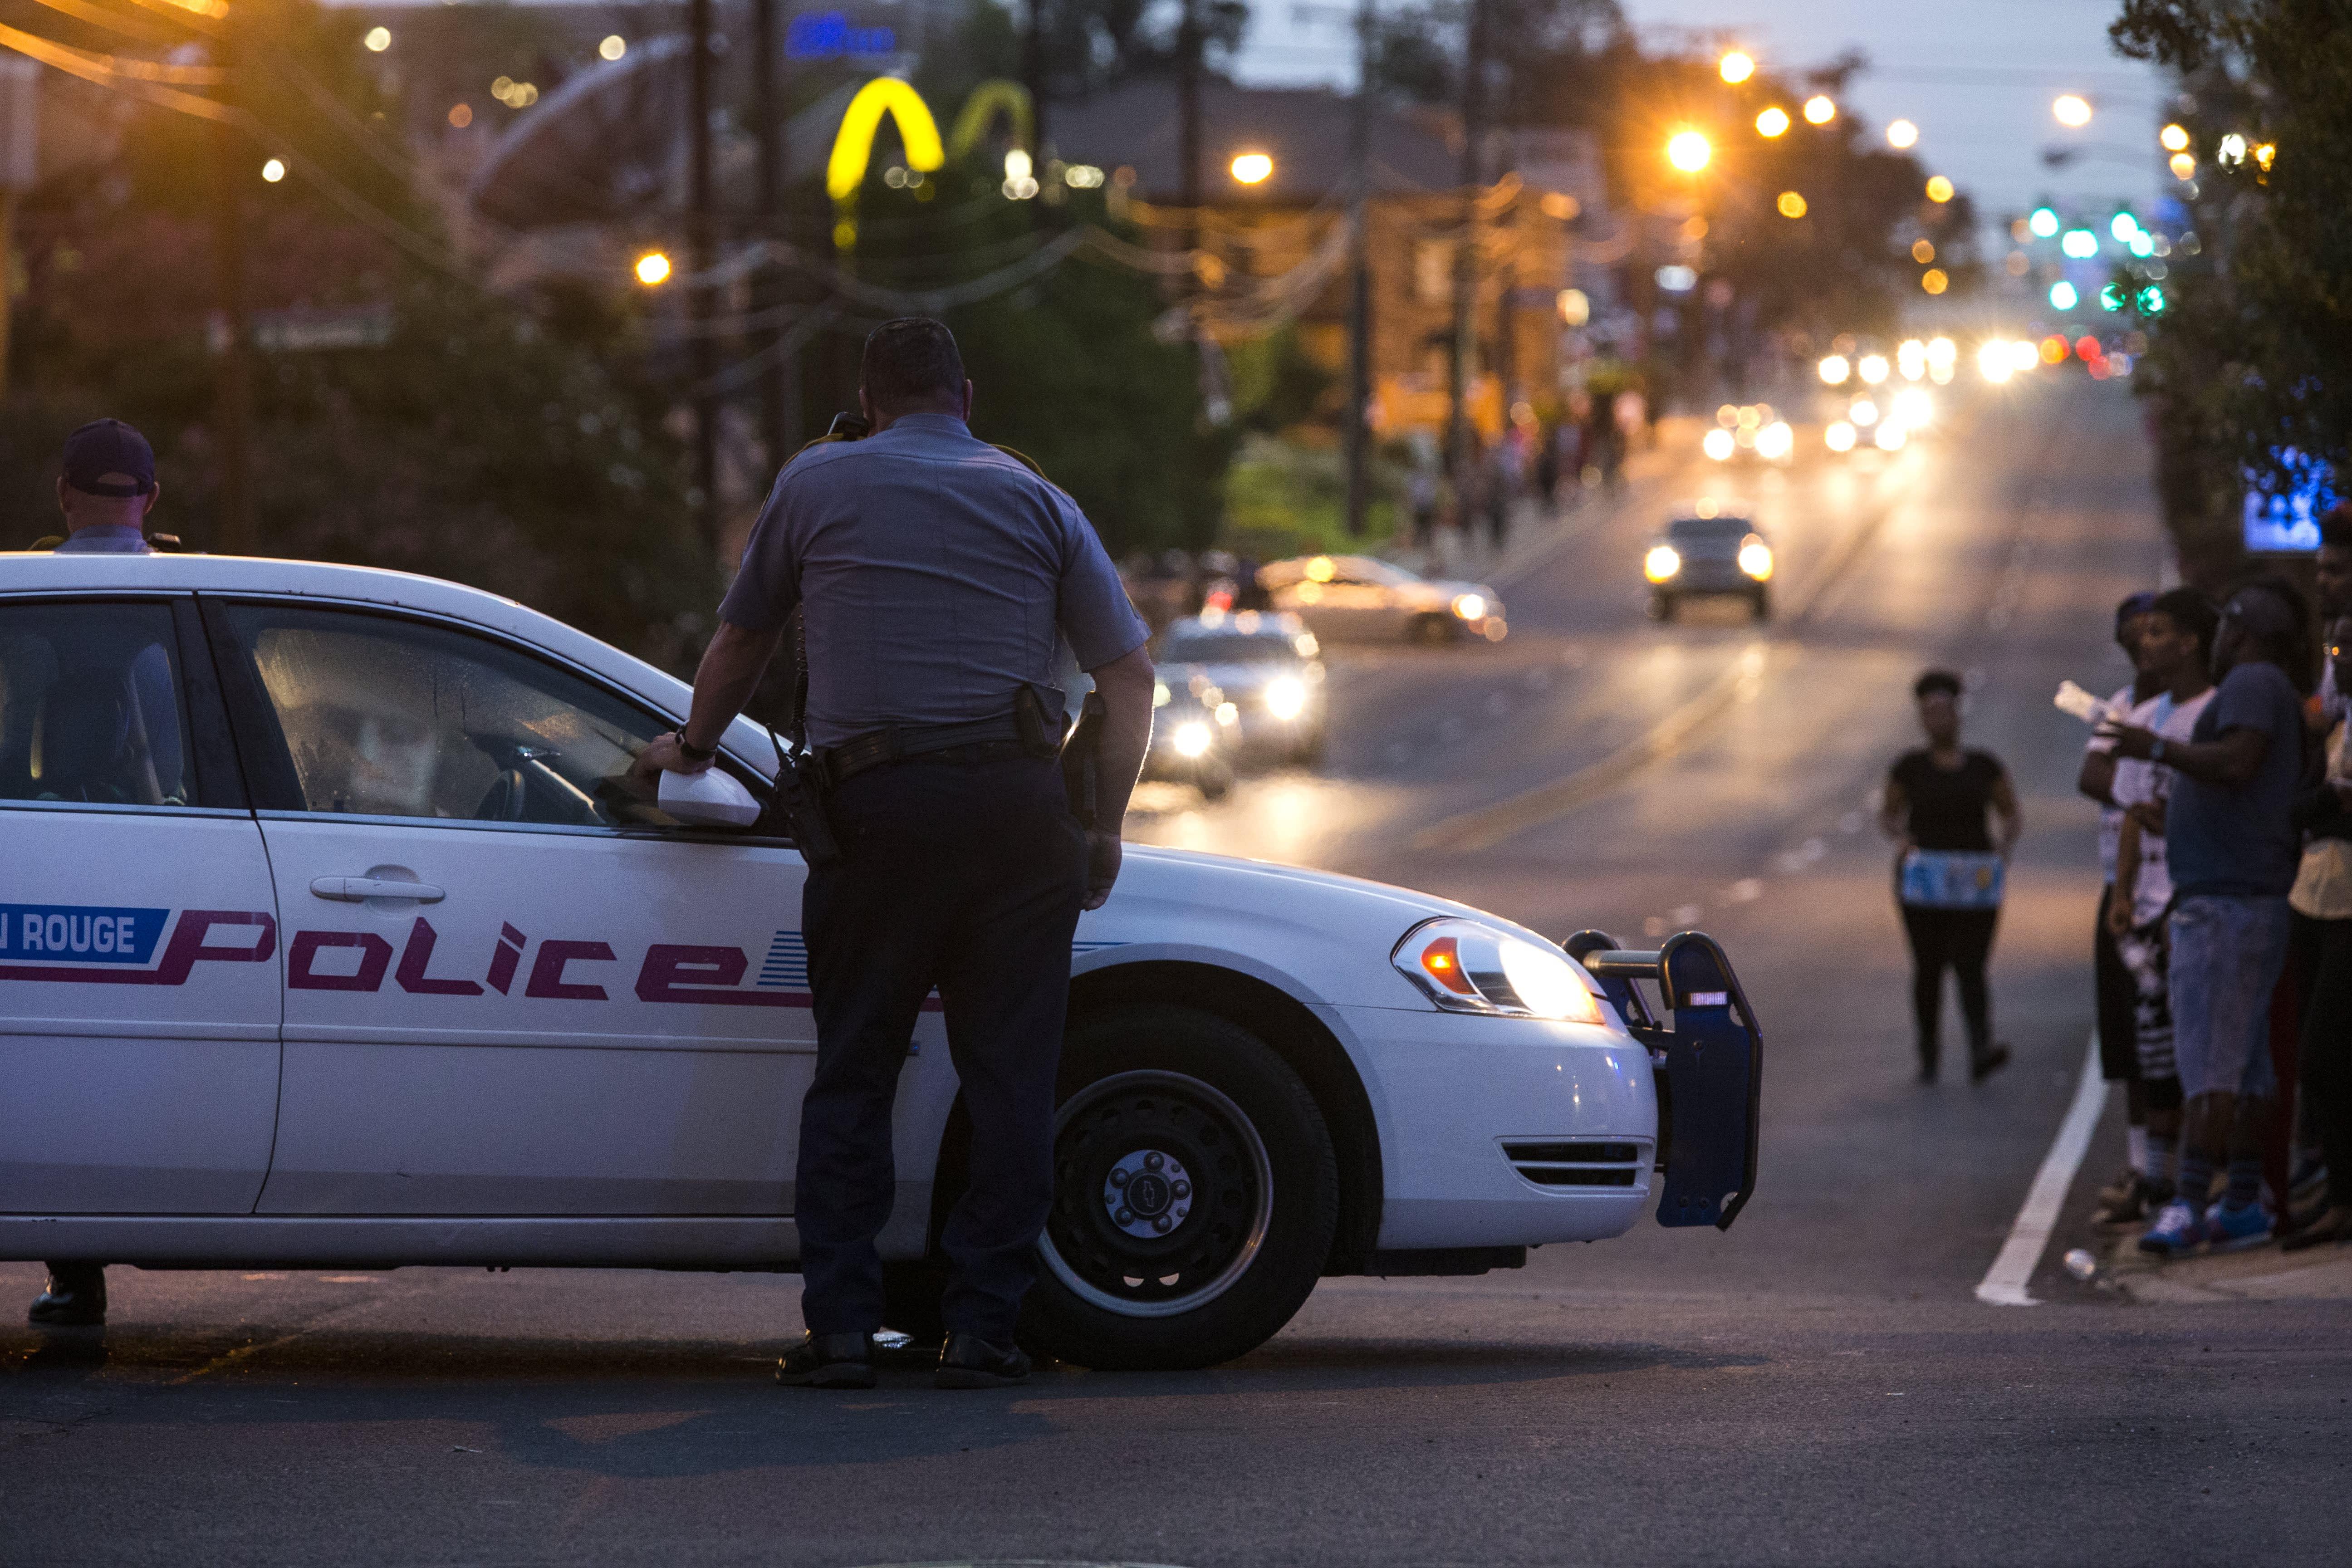 3 officers killed in Baton Rouge shootings